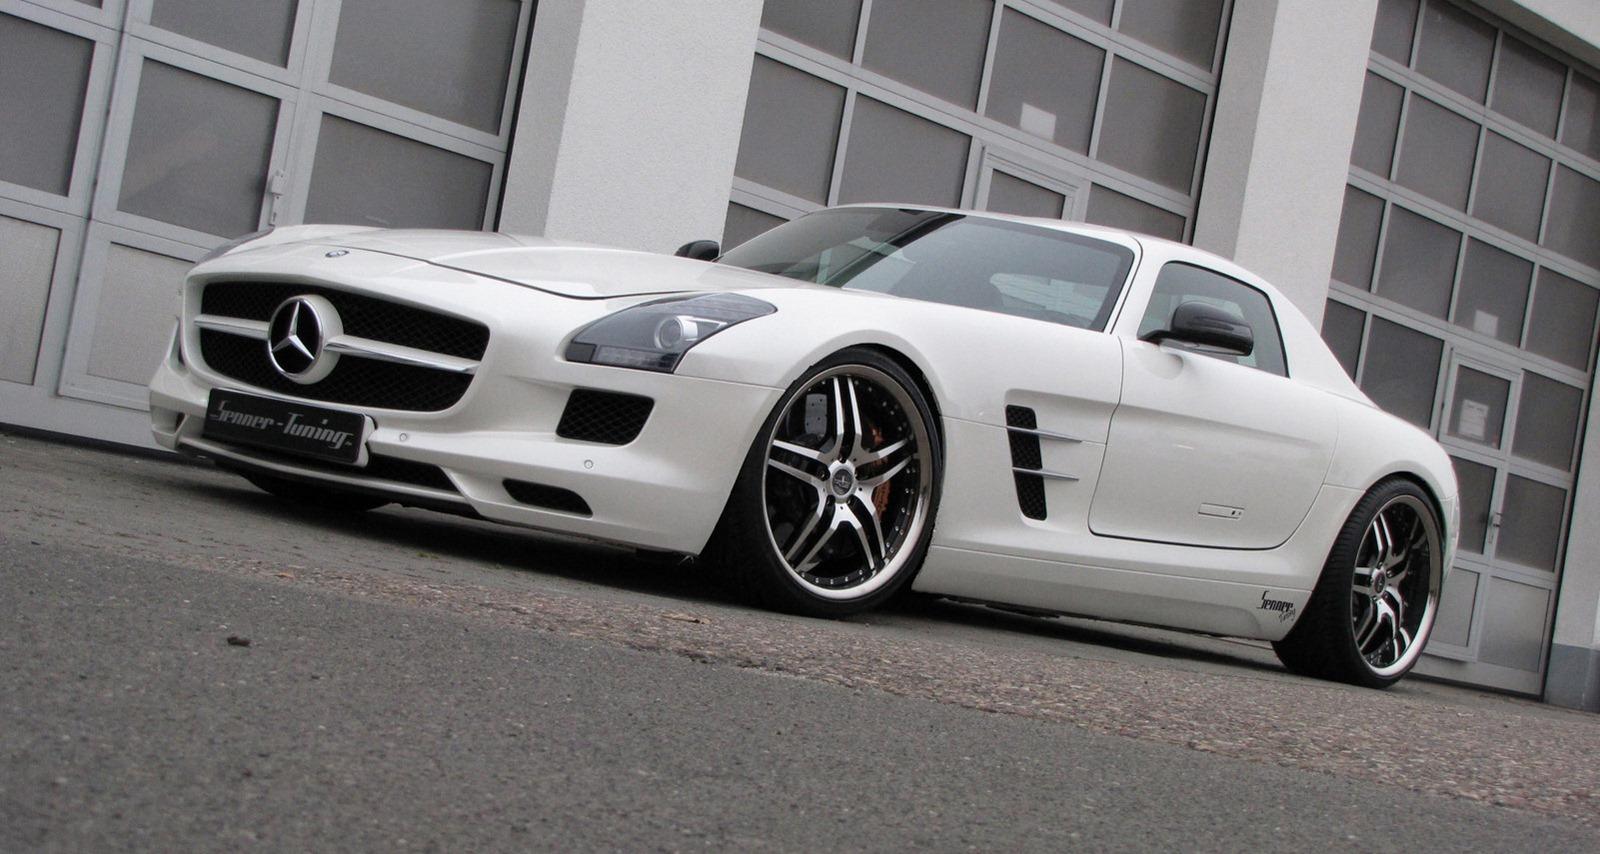 Senner představil lehčí úpravy pro Mercedes-Benz SLS AMG 3